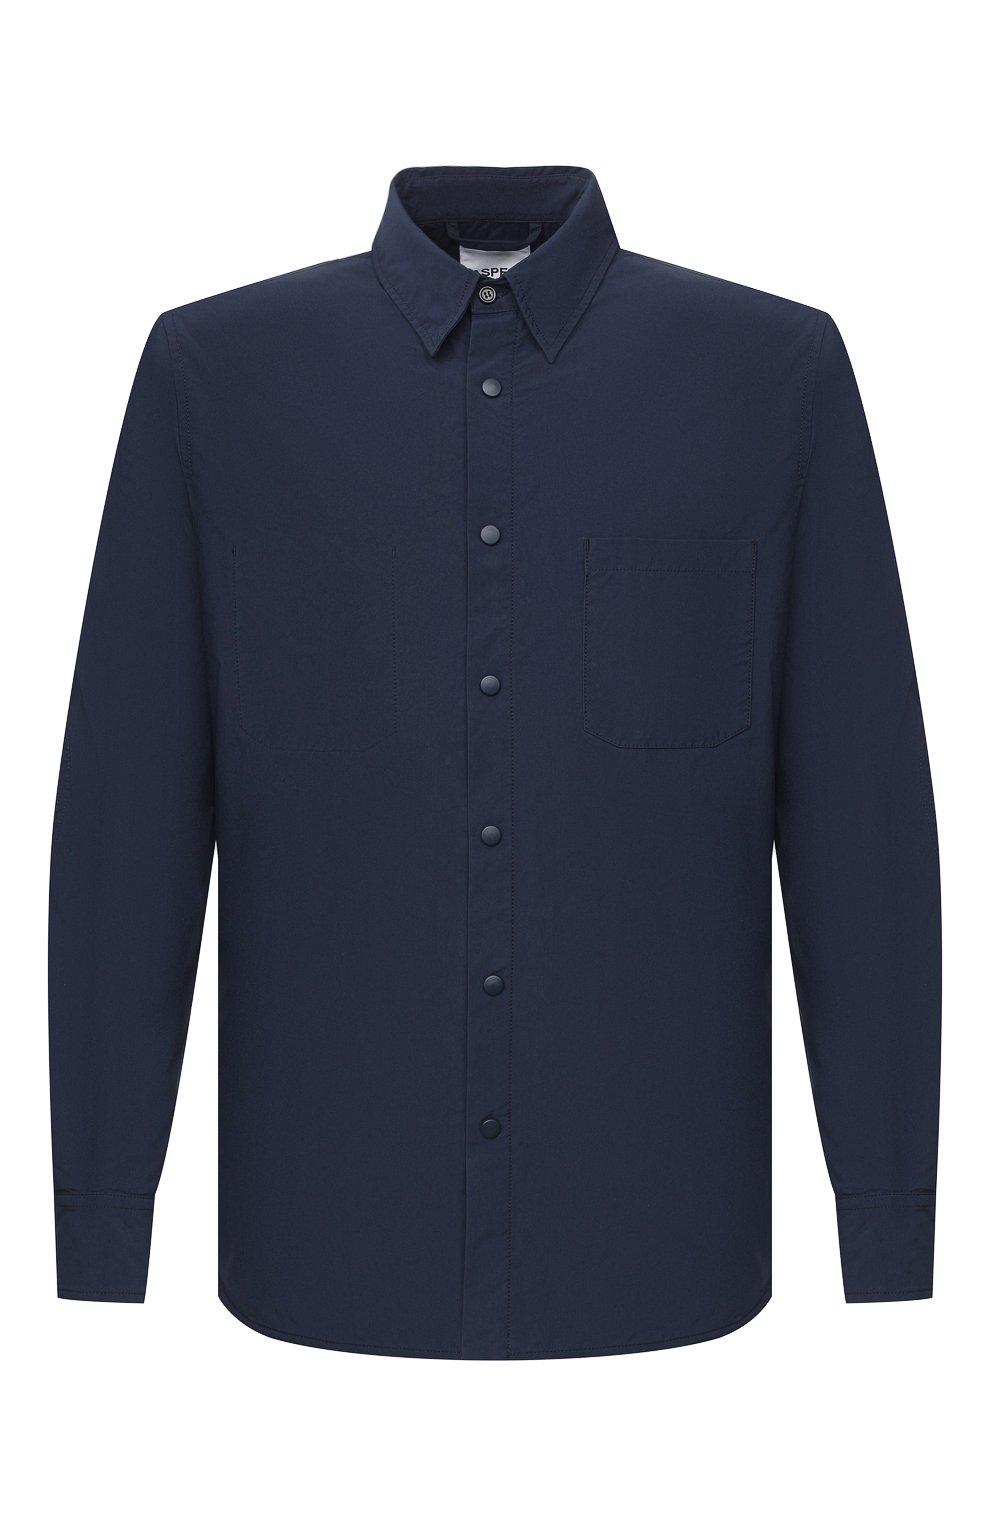 Мужская куртка-рубашка ASPESI синего цвета, арт. W0 I 7I29 9972 | Фото 1